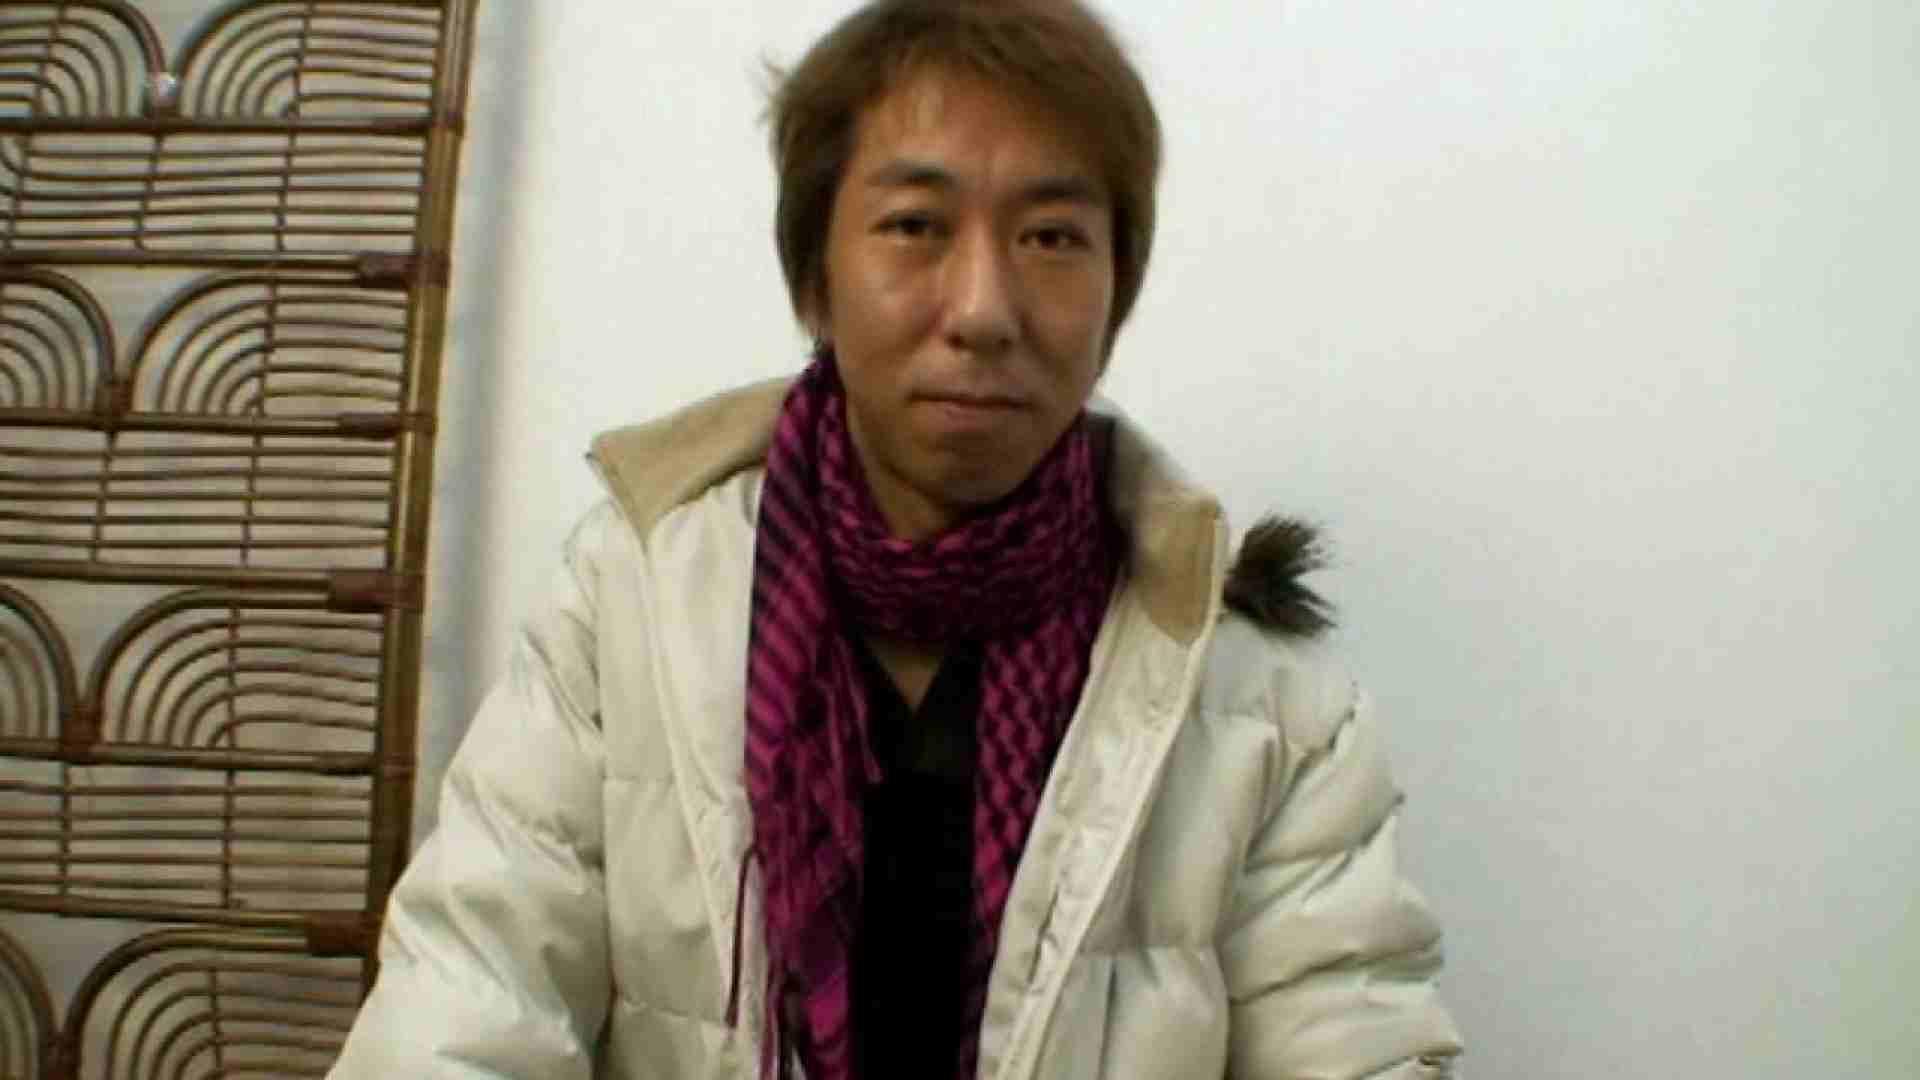 ノンケ!自慰スタジオ No.20 ゲイのオナニー映像  94枚 32